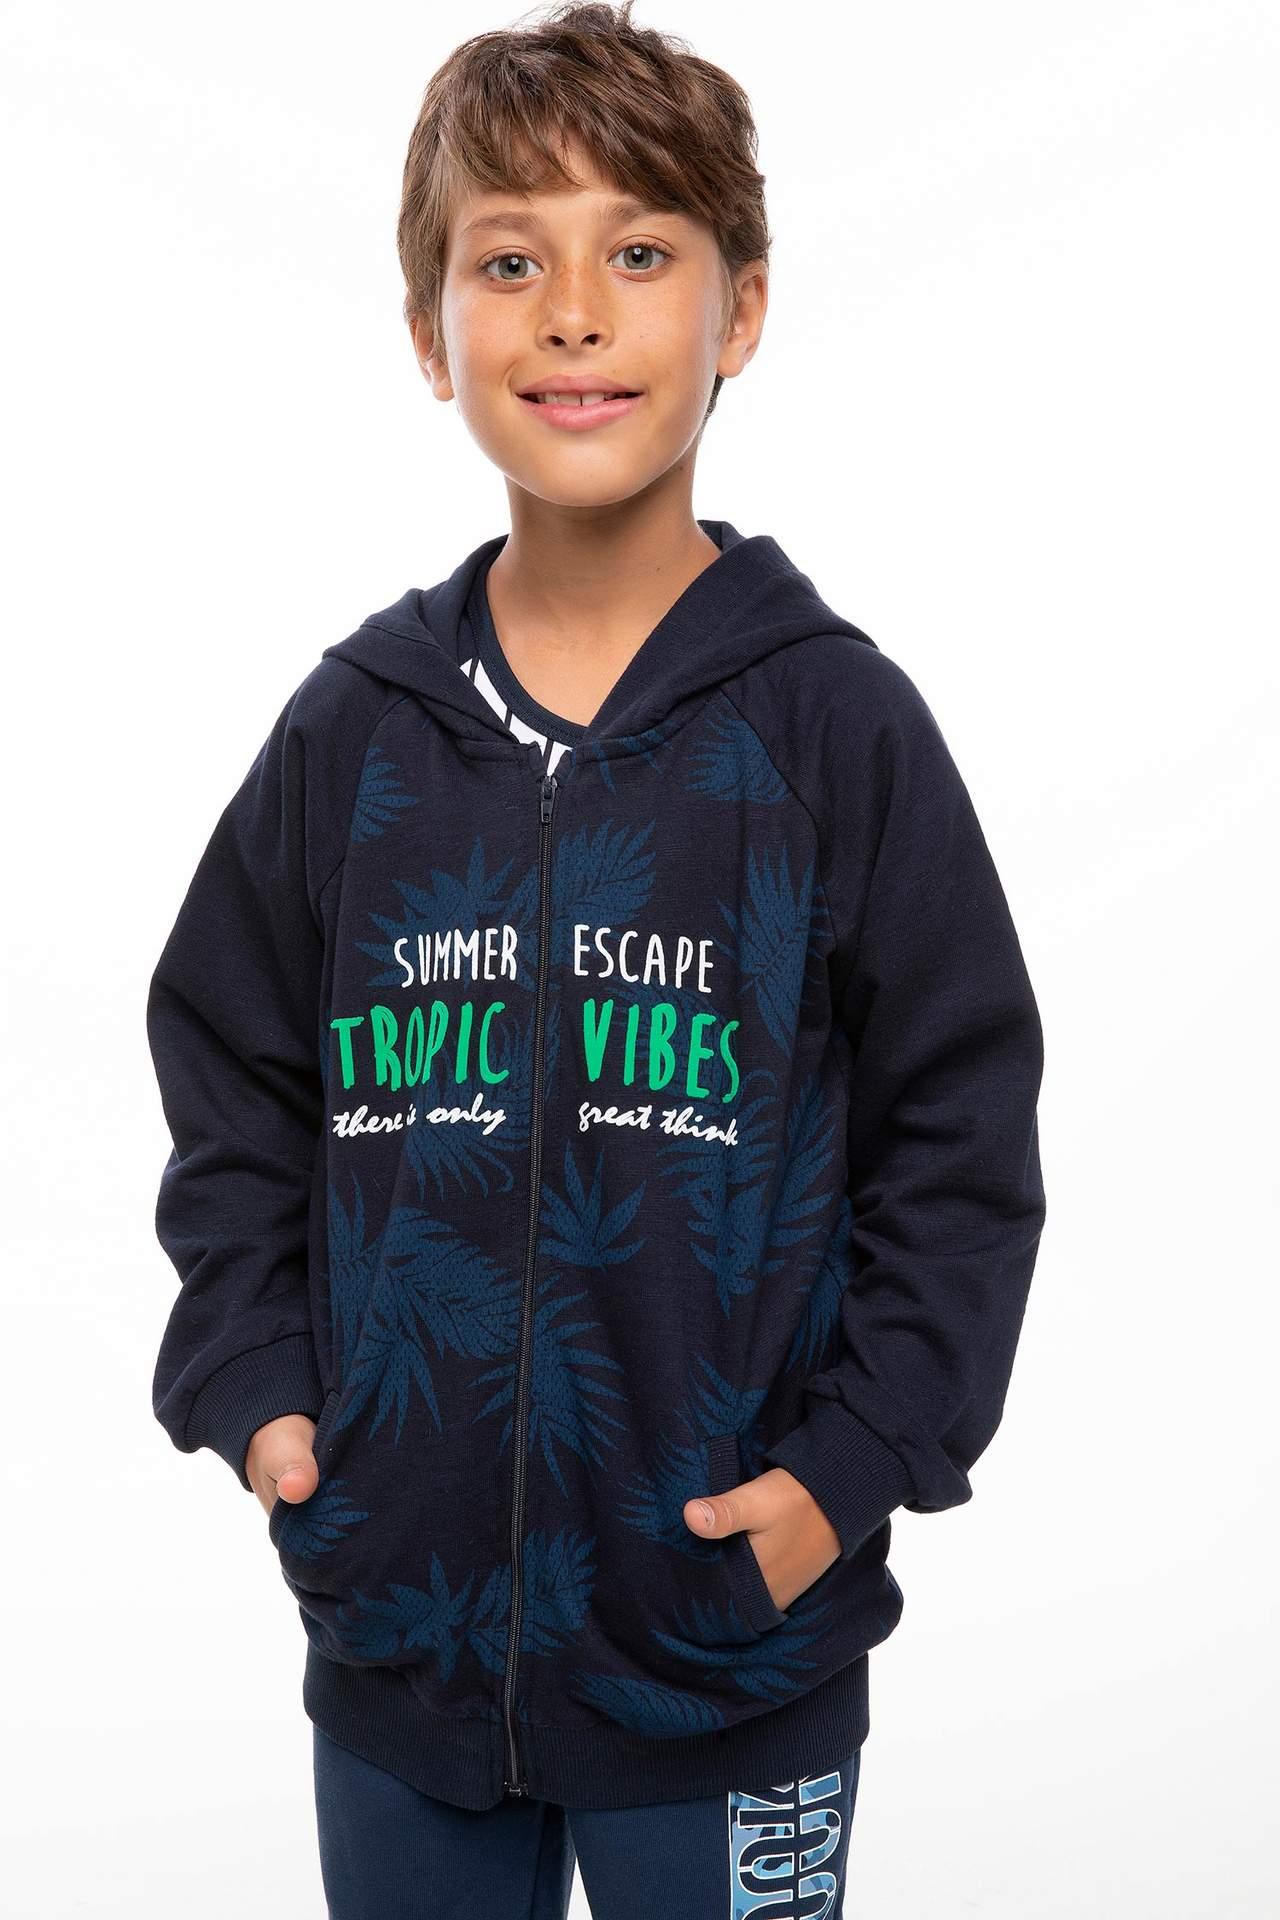 DeFacto Erkek Çocuk Kapşon Detaylı Baskılı Sweatshirt Lacivert male